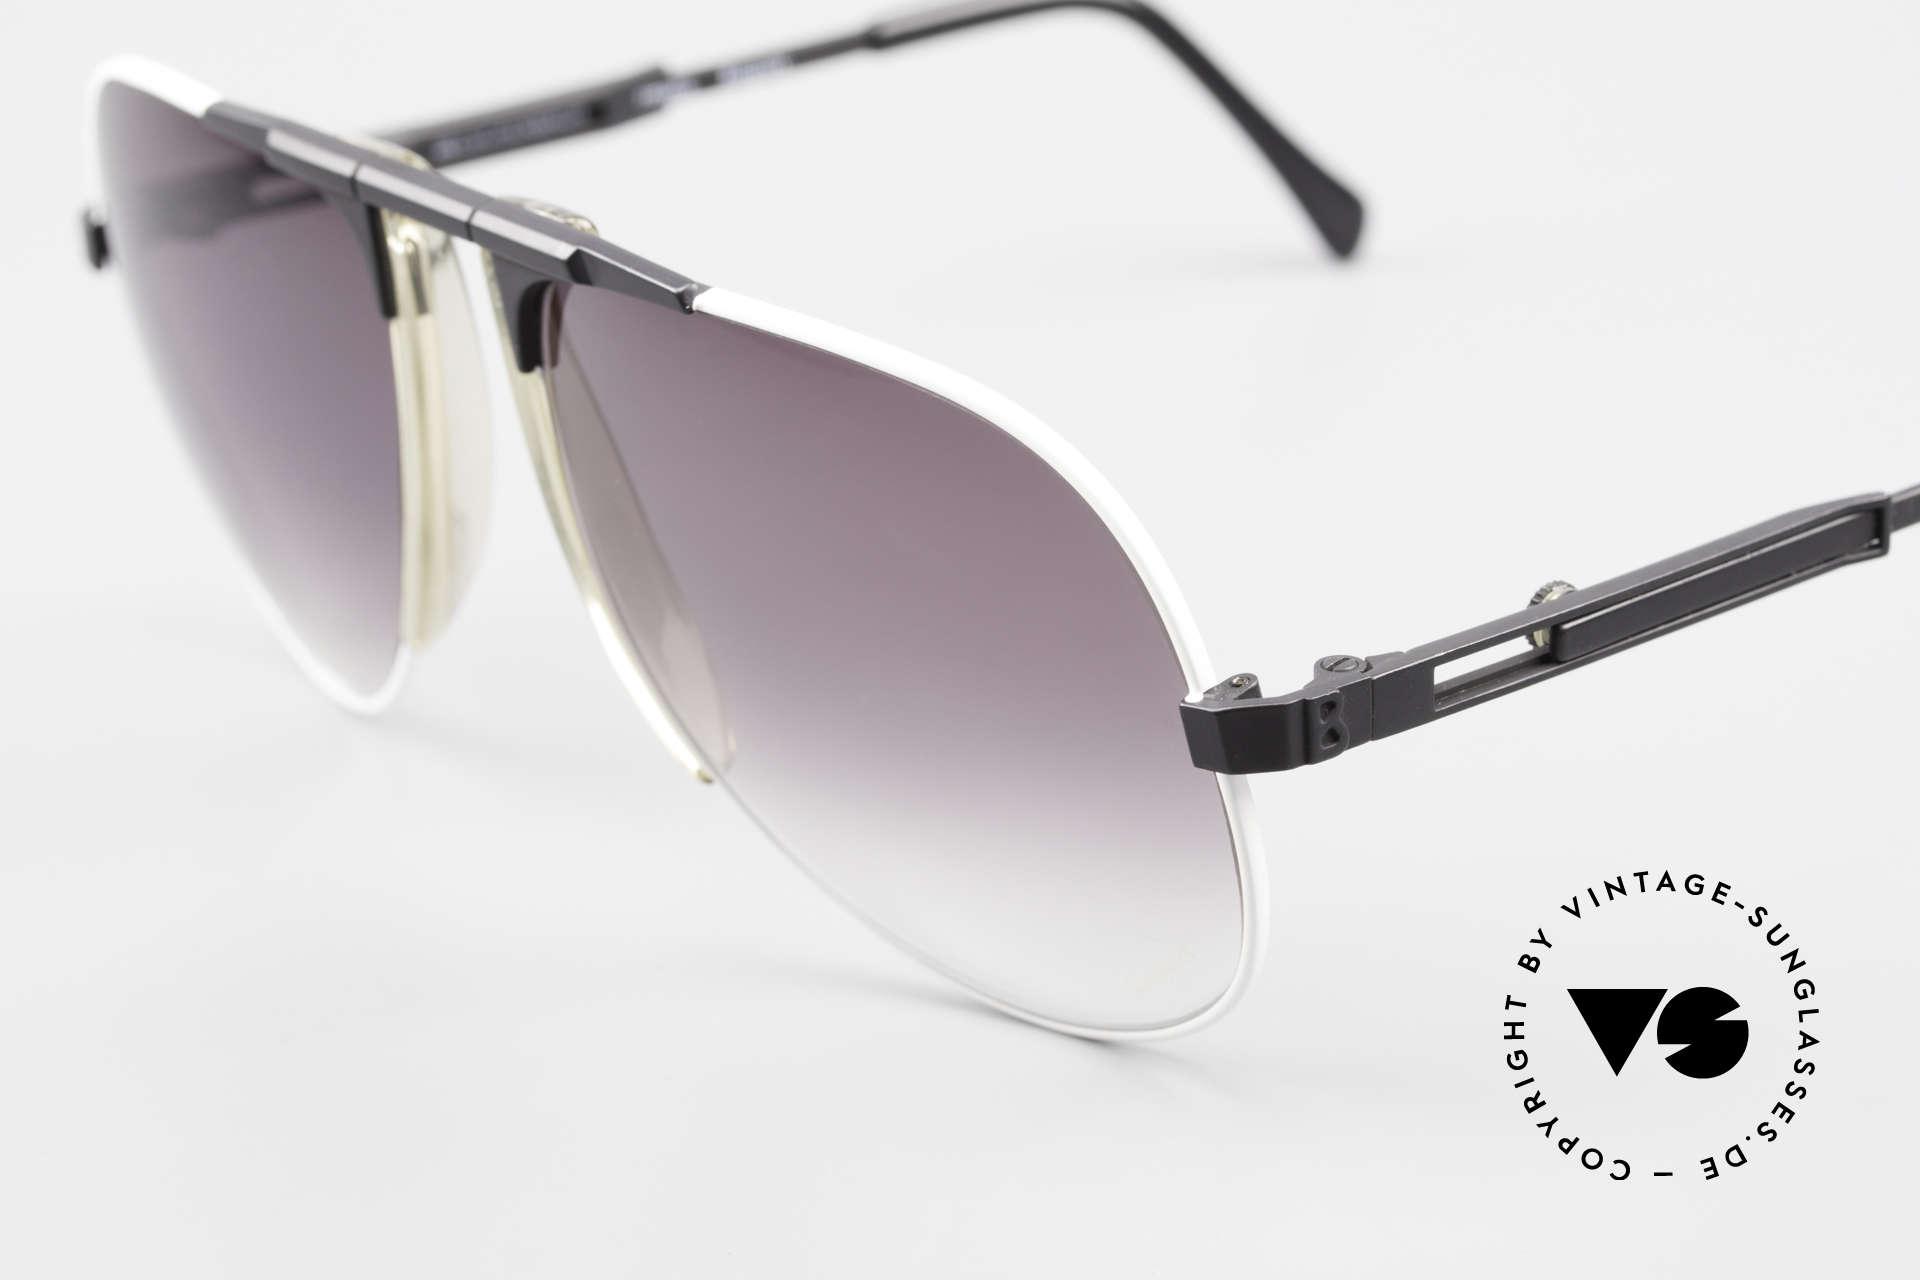 Willy Bogner 7011 80er Sport Sonnenbrille Pilot, 7011 = ähnlich der James Bond Bogner Brille Mod. 7003, Passend für Herren